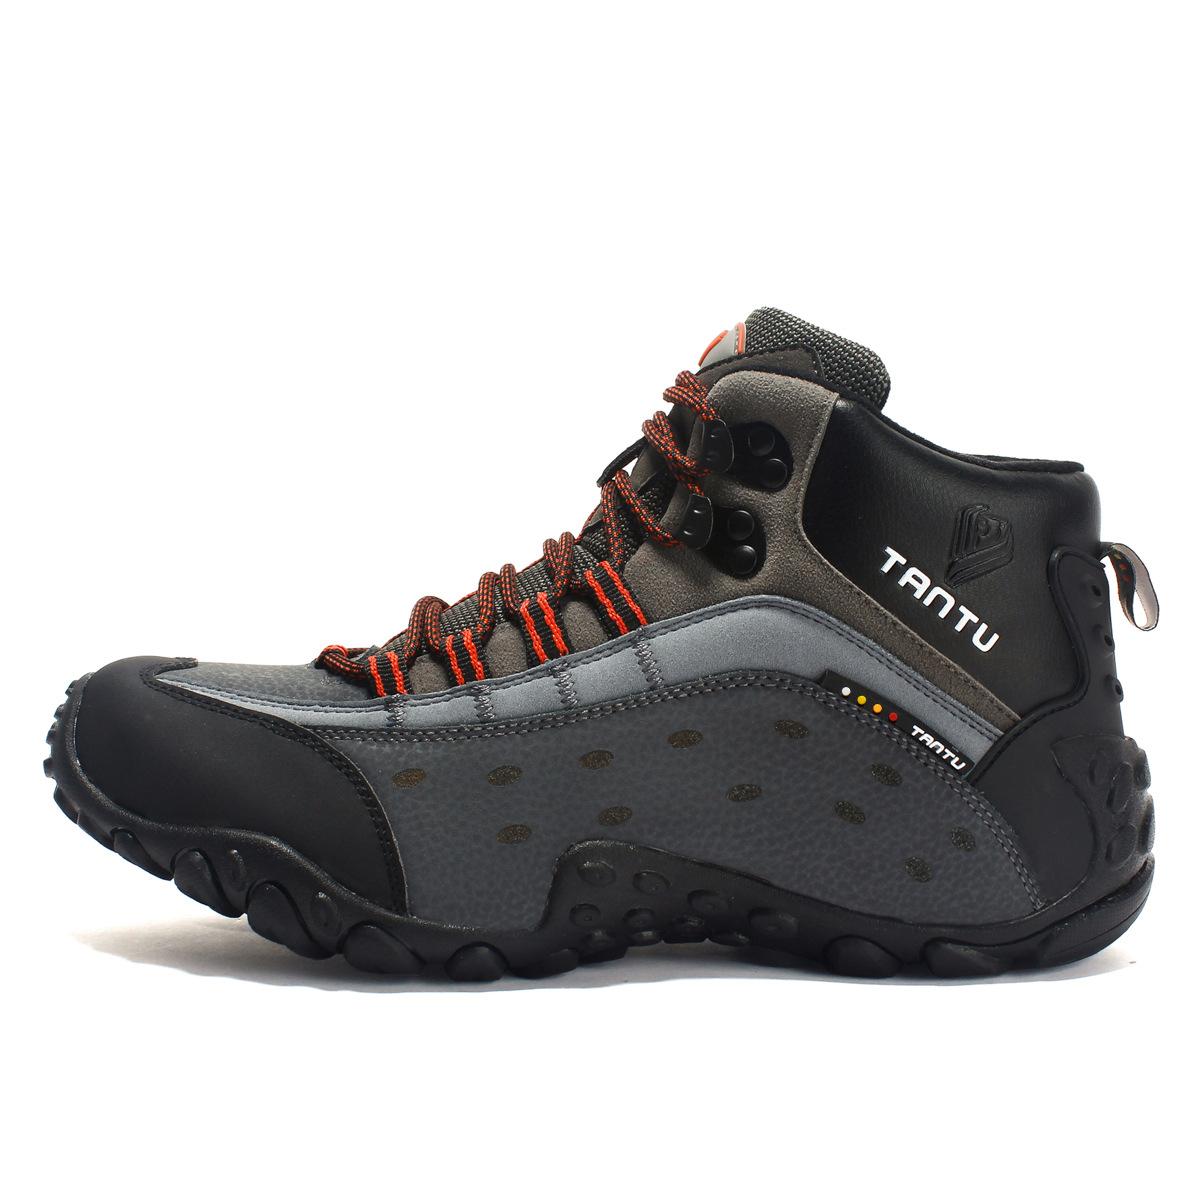 Giày thể thao đi bộ đường dài ngoài trời thoáng khí